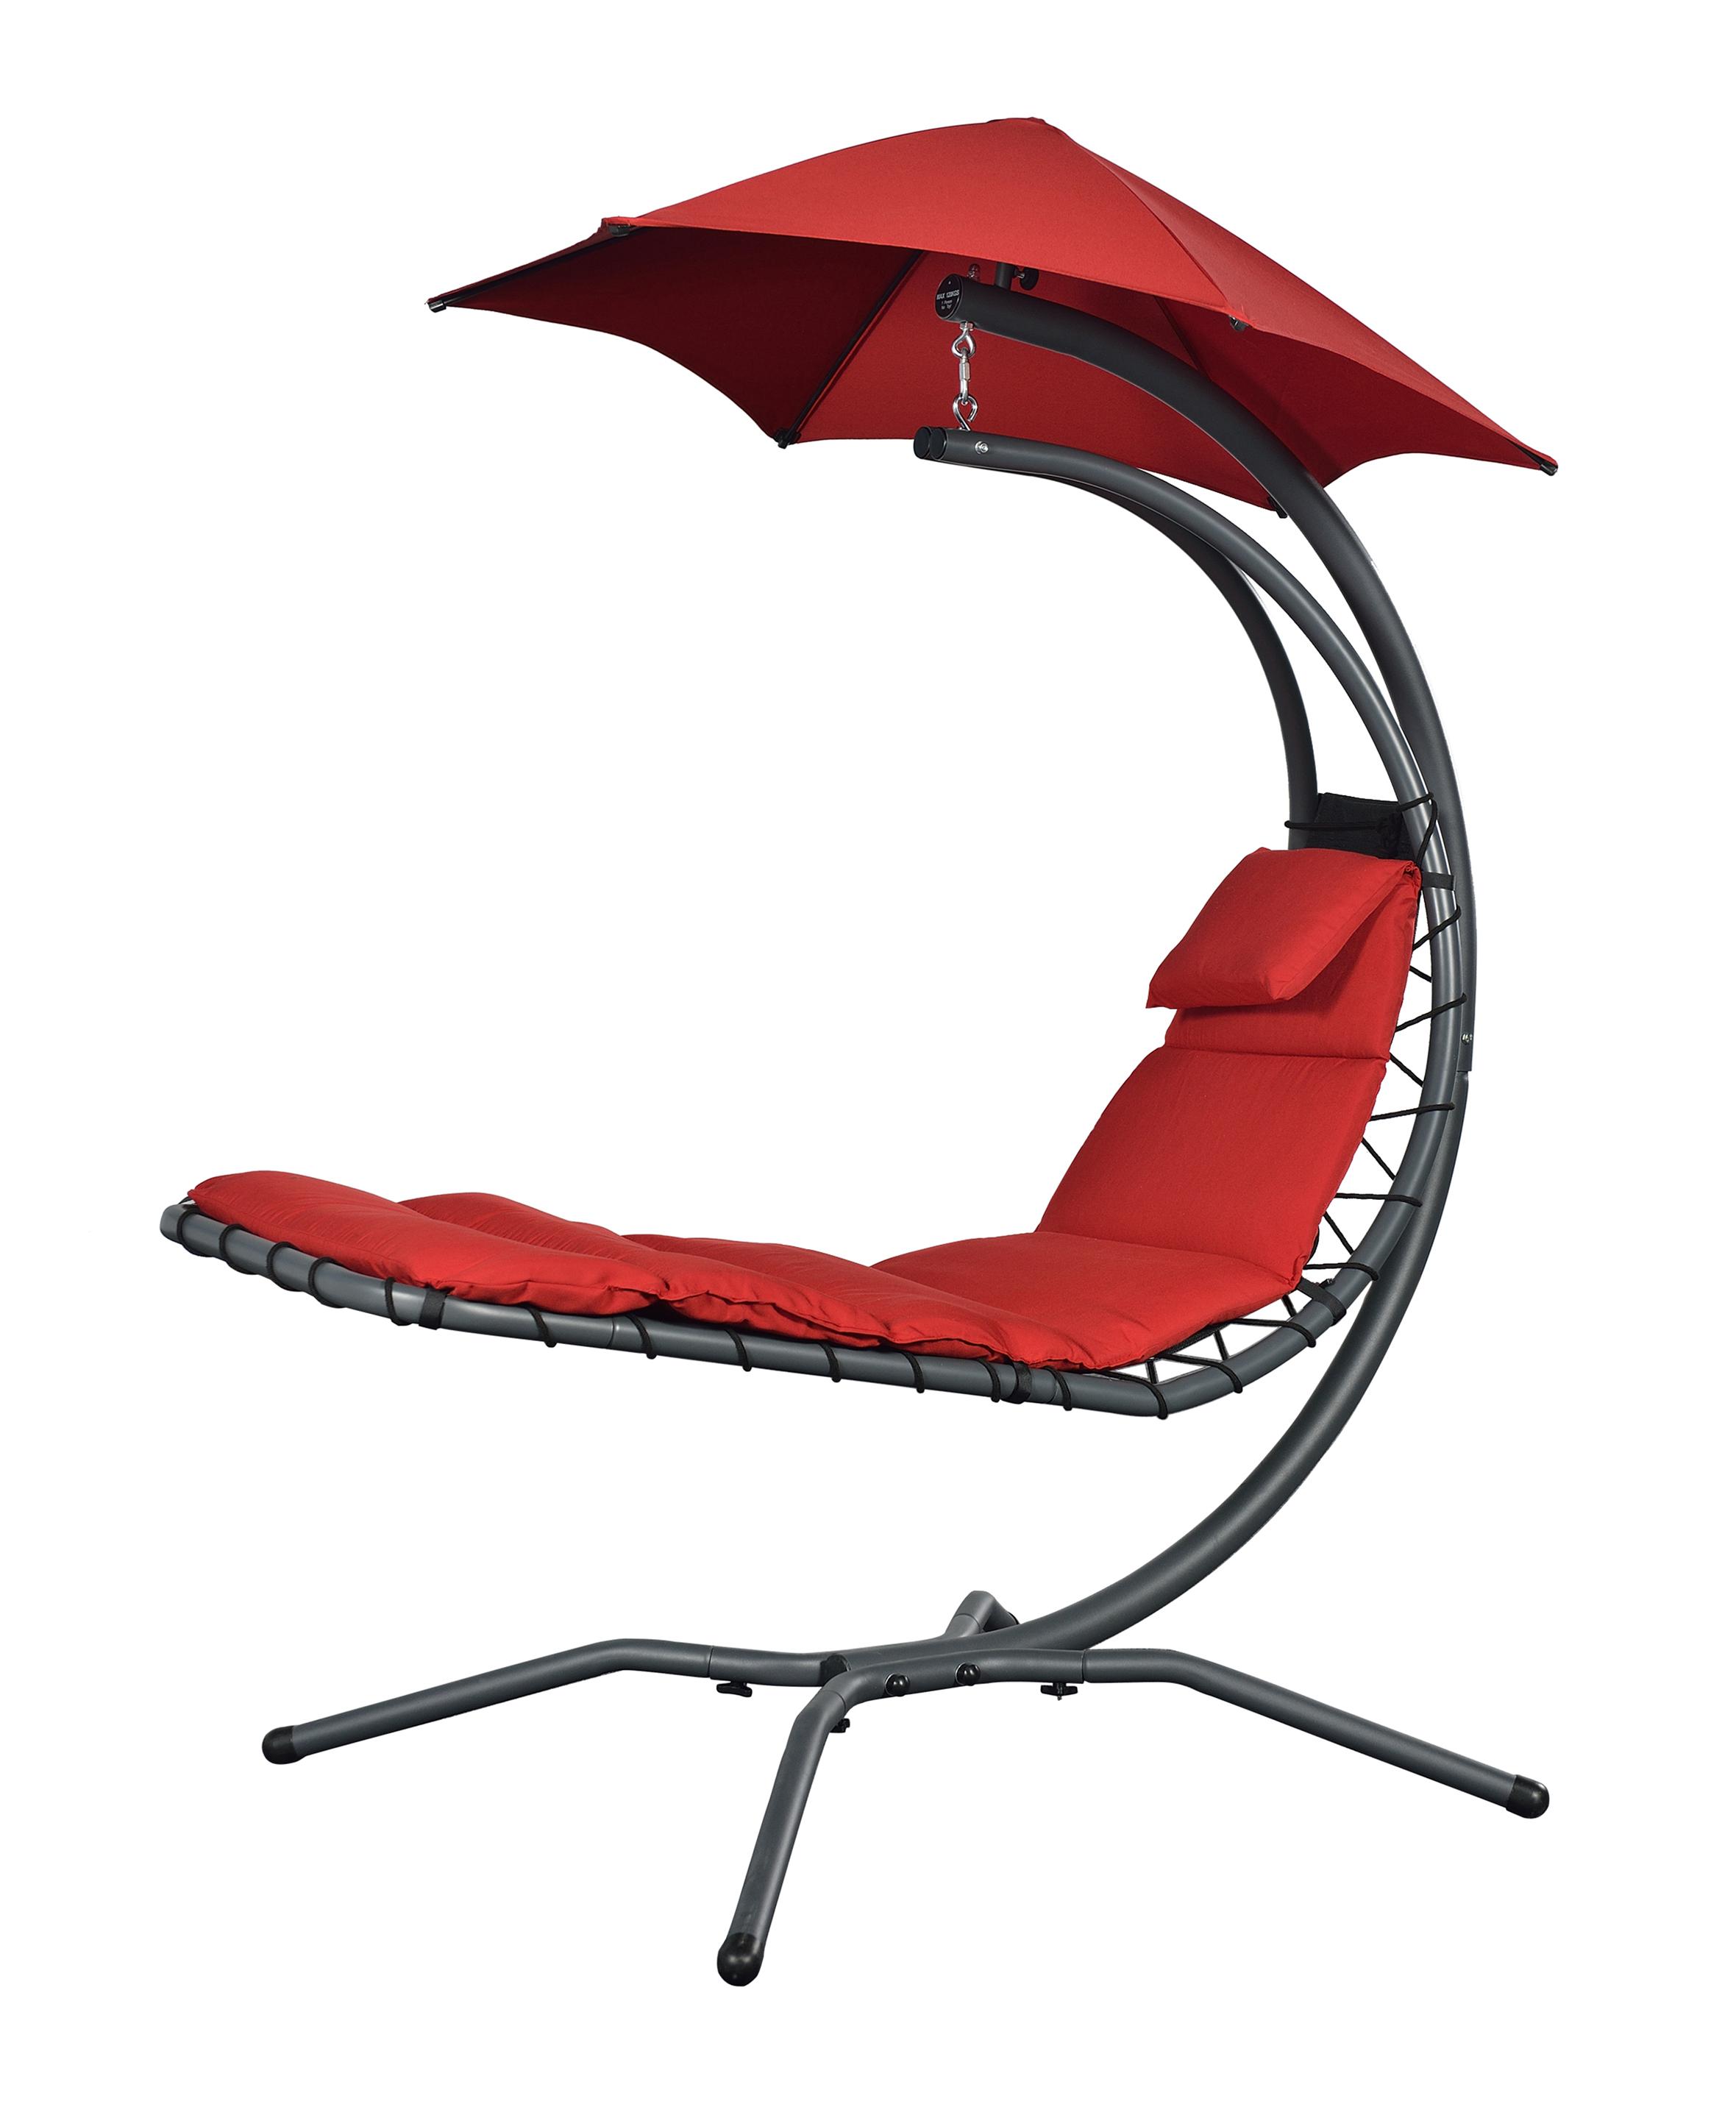 Catgorie fauteuil de jardin page 4 du guide et comparateur for Chaise longue originale